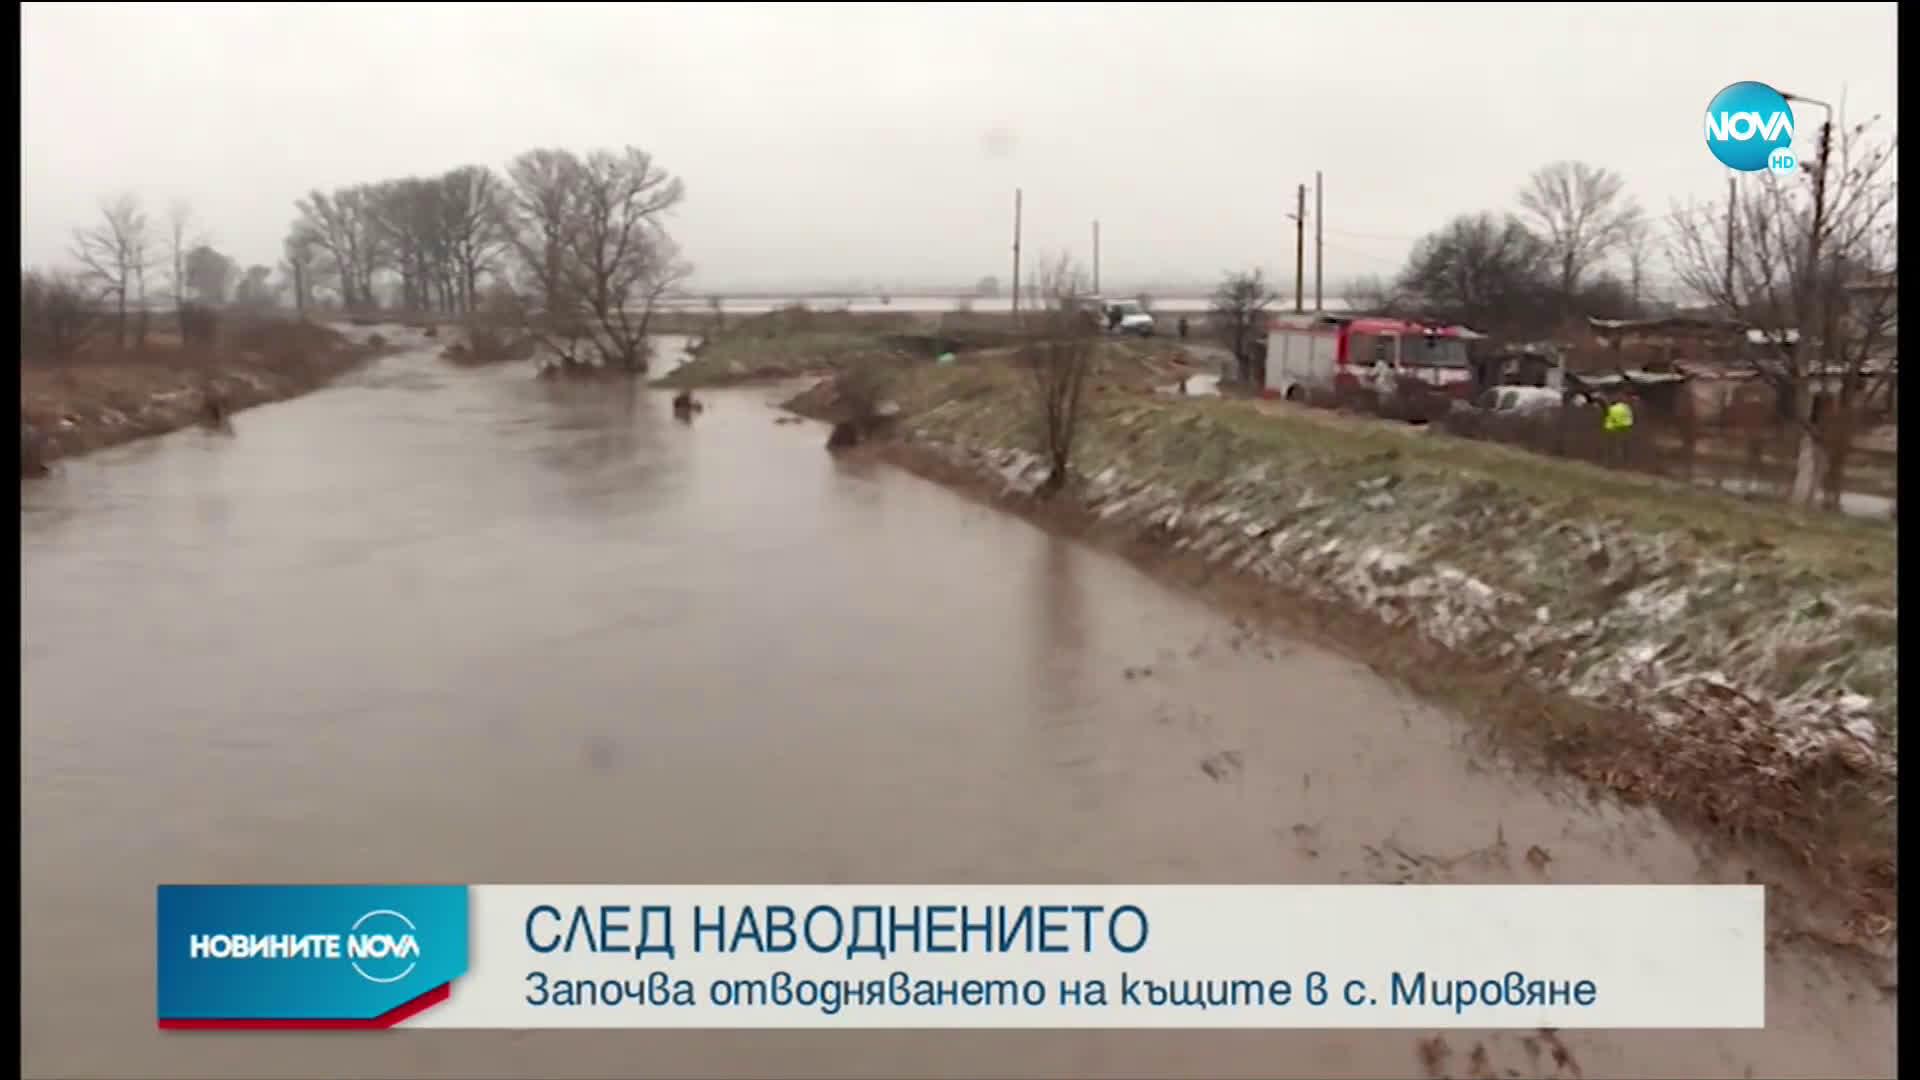 Започва отводняване на къщите в Мировяне